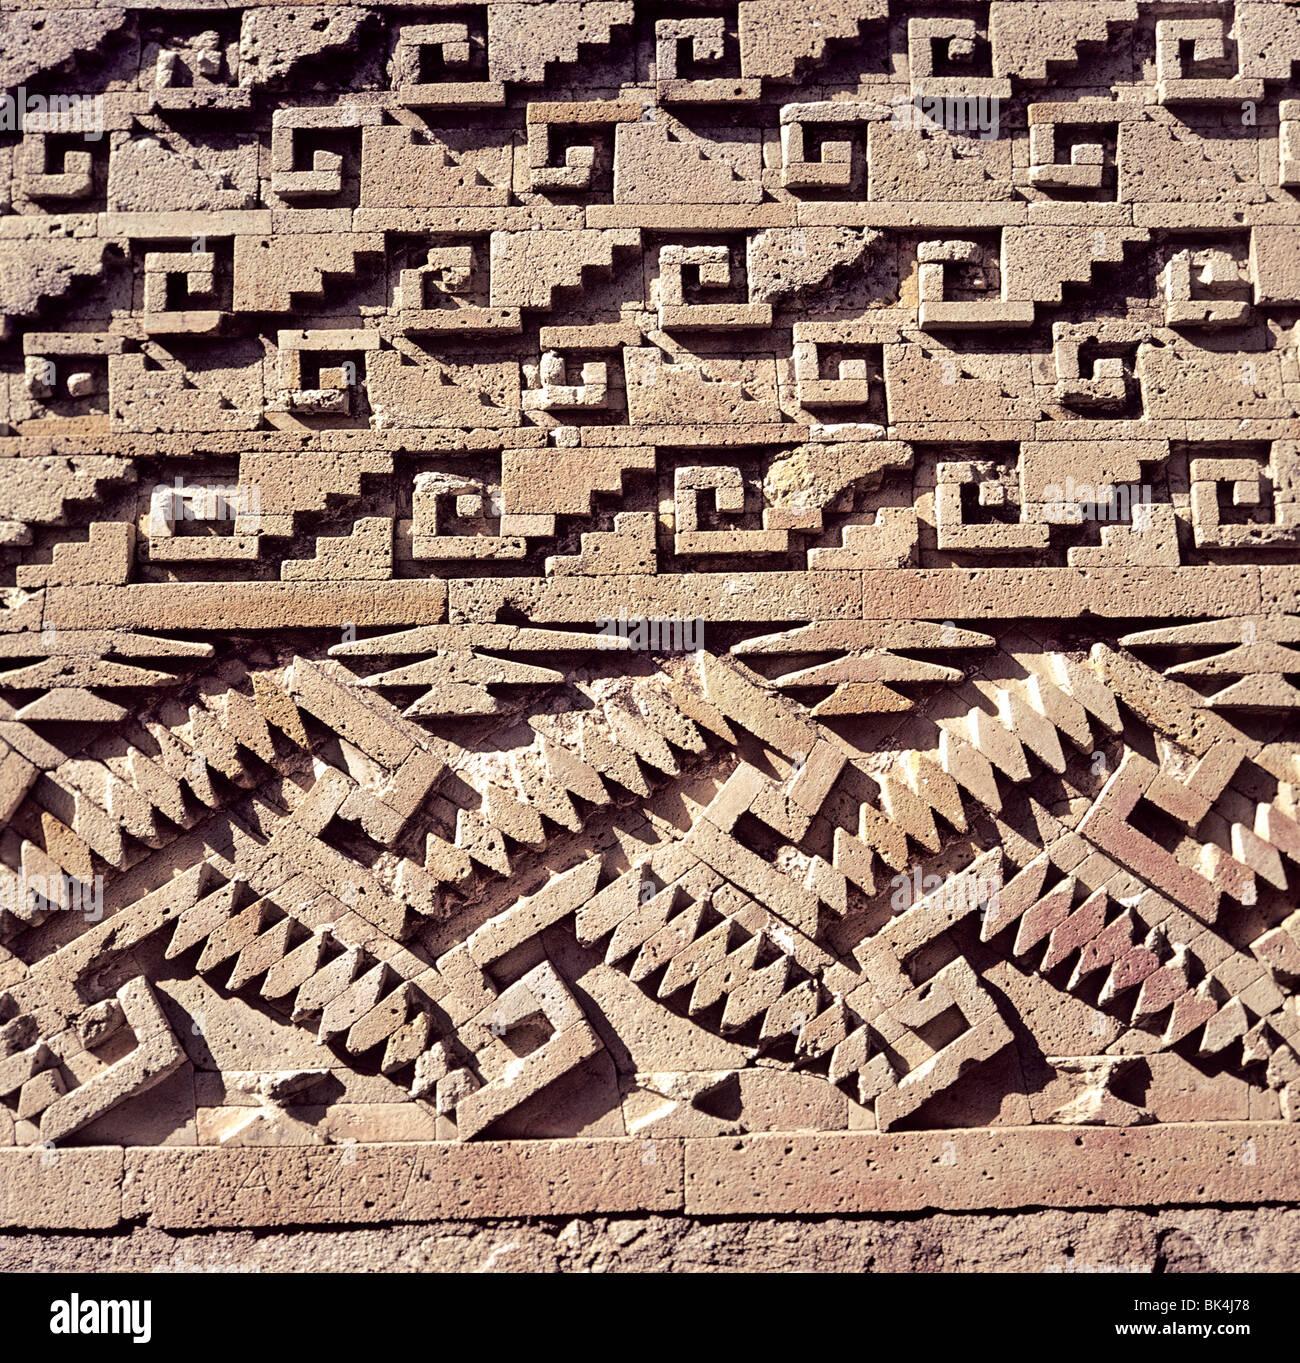 Dettaglio Di Un Muro Sulla Sala Delle Colonne Che Mostrano Una Greca Decorativa Pattern Muratura In Pietra Mitla Messico Foto Stock Alamy